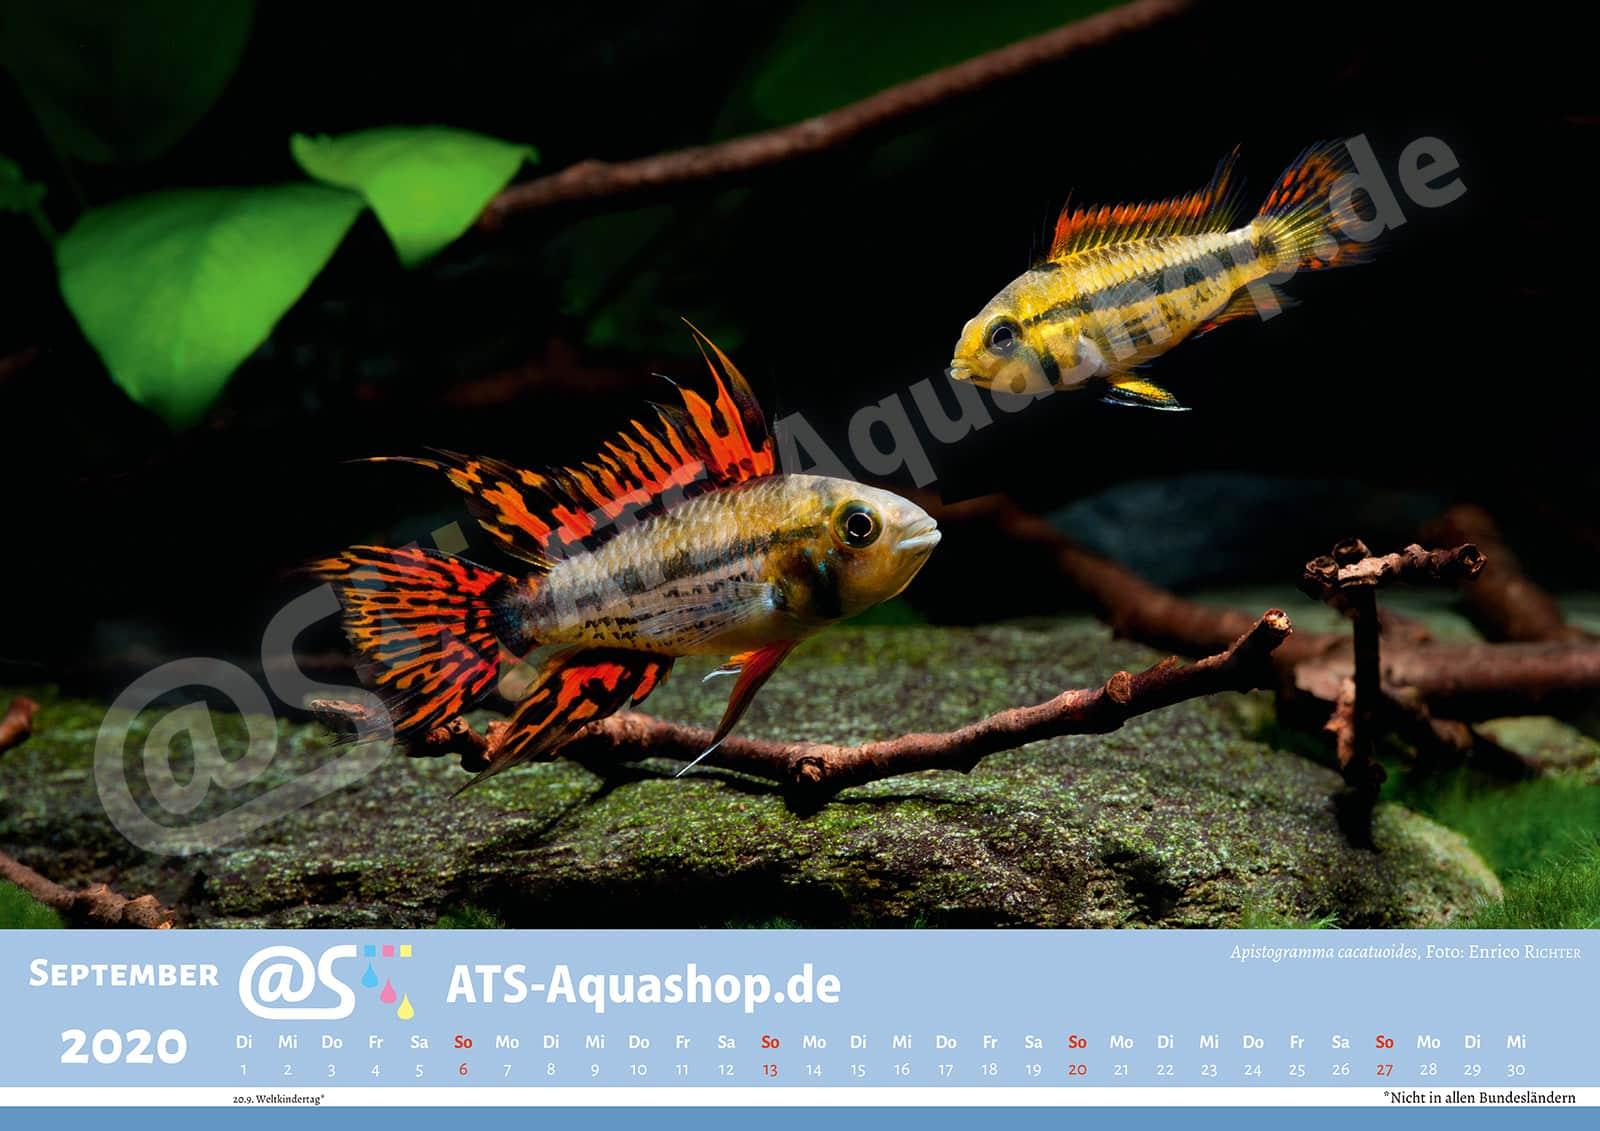 Foto Jahreskalender 2020 DIN A3: Apistogramma cacatuoides